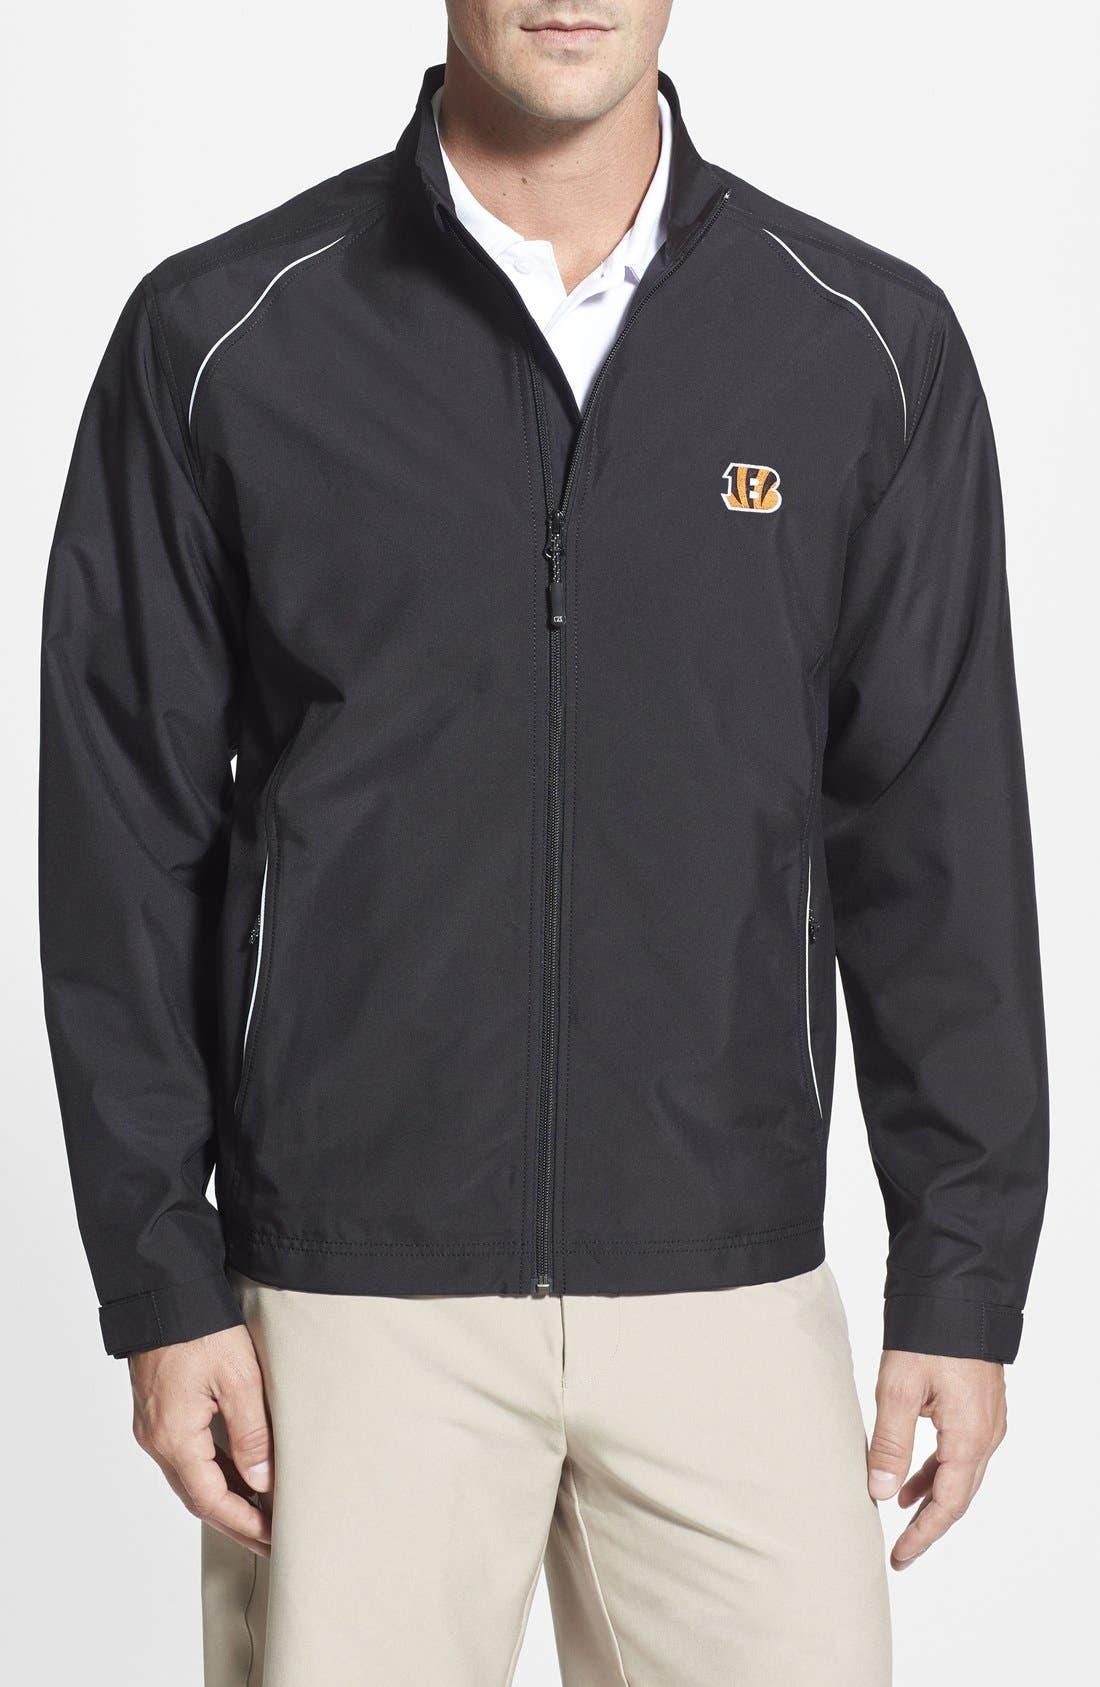 Cutter & Buck Cincinnati Bengals - Beacon WeatherTec Wind & Water Resistant Jacket